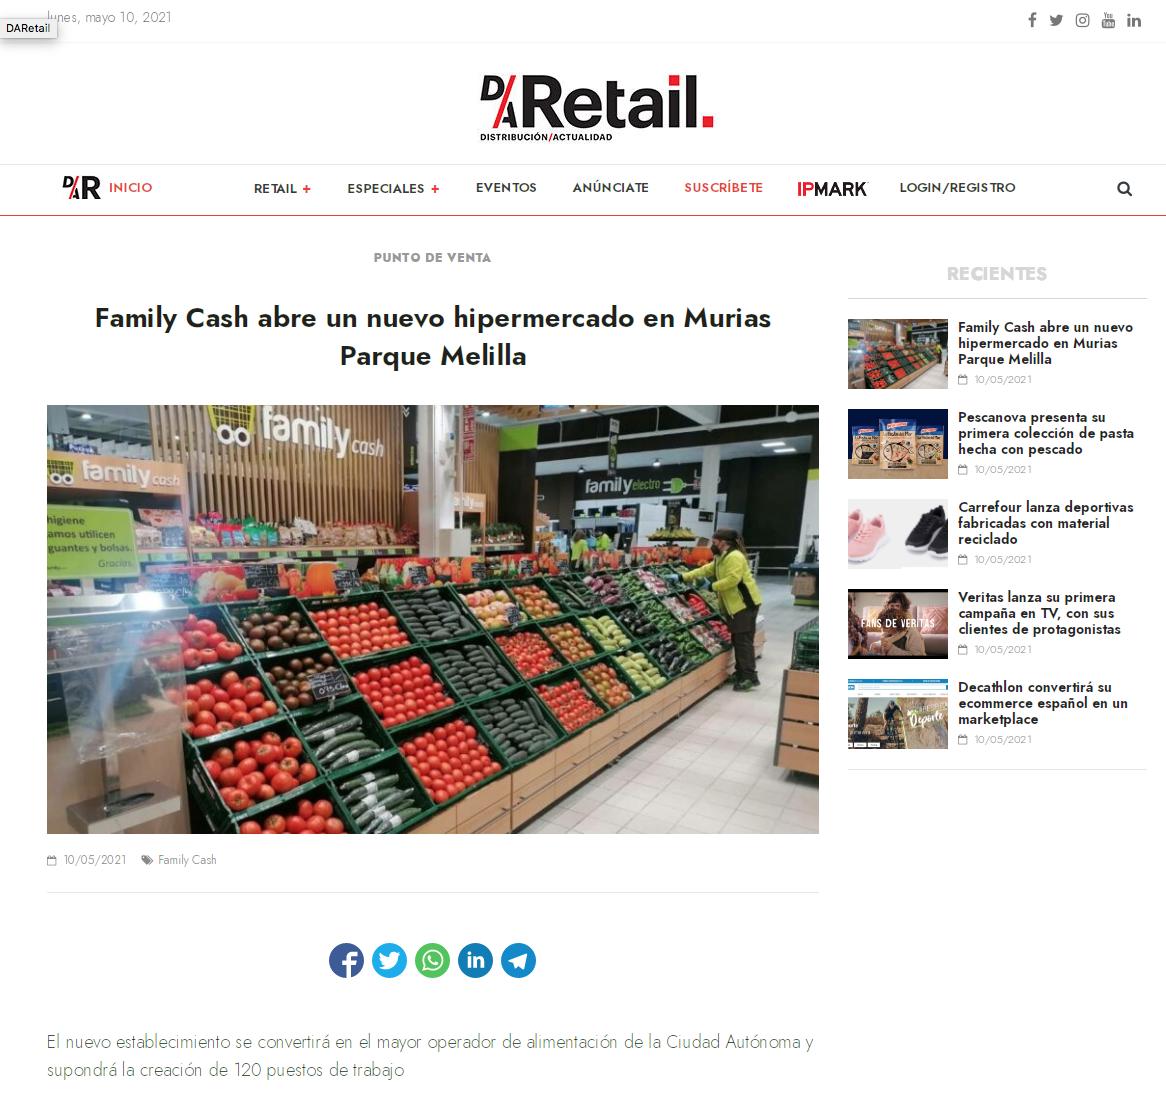 Family Cash abre un nuevo hipermercado en Murias Parque Melilla